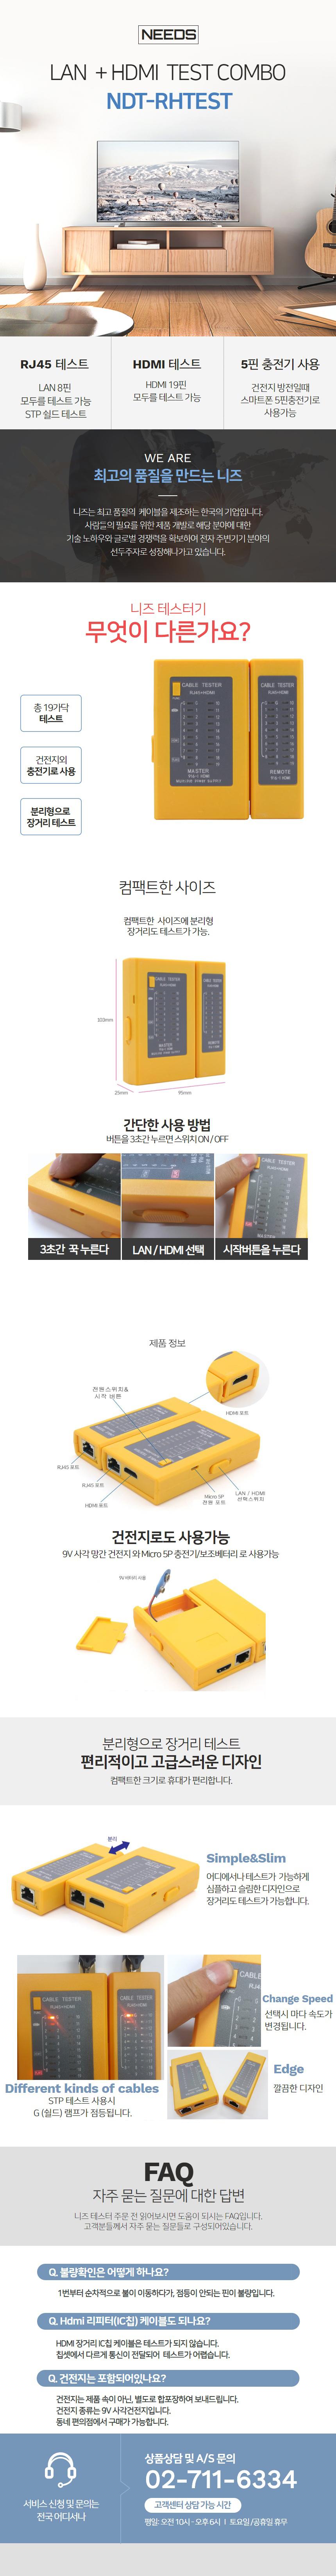 리더샵 NEEDS 랜 + HDMI 콤보 테스터기 (NDT-RHTEST)